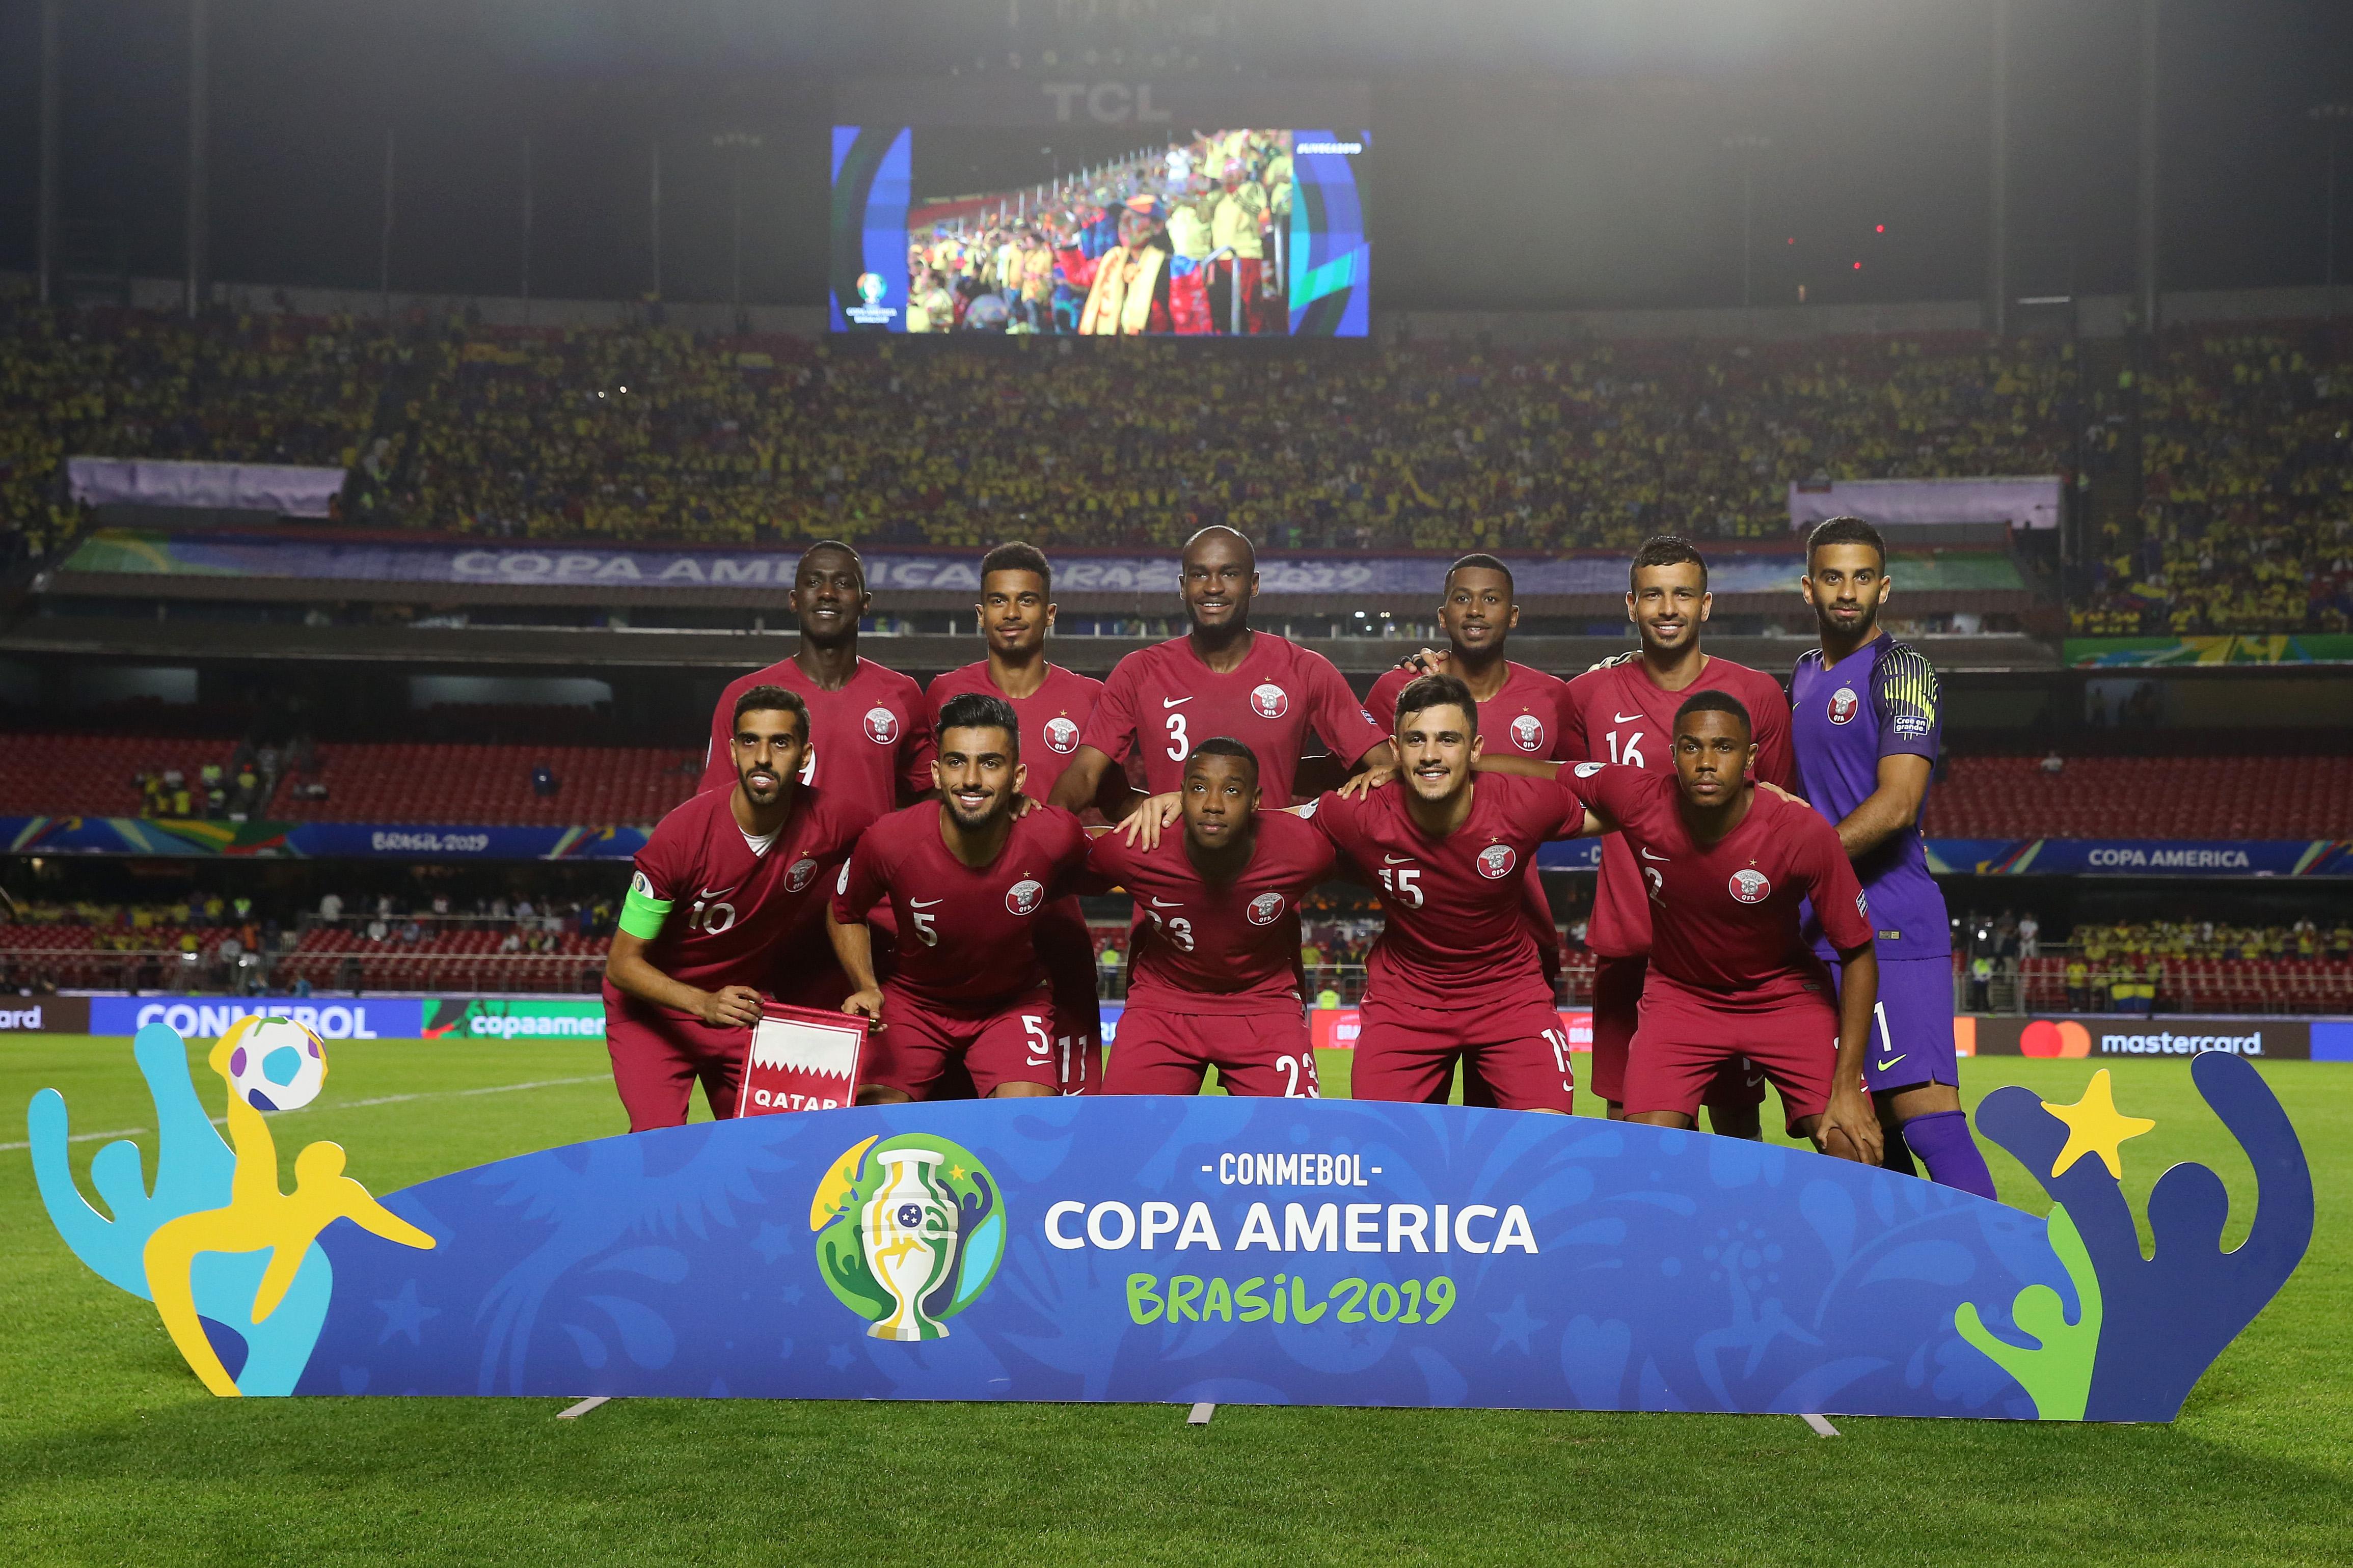 Qatar Colombia Copa America 2019